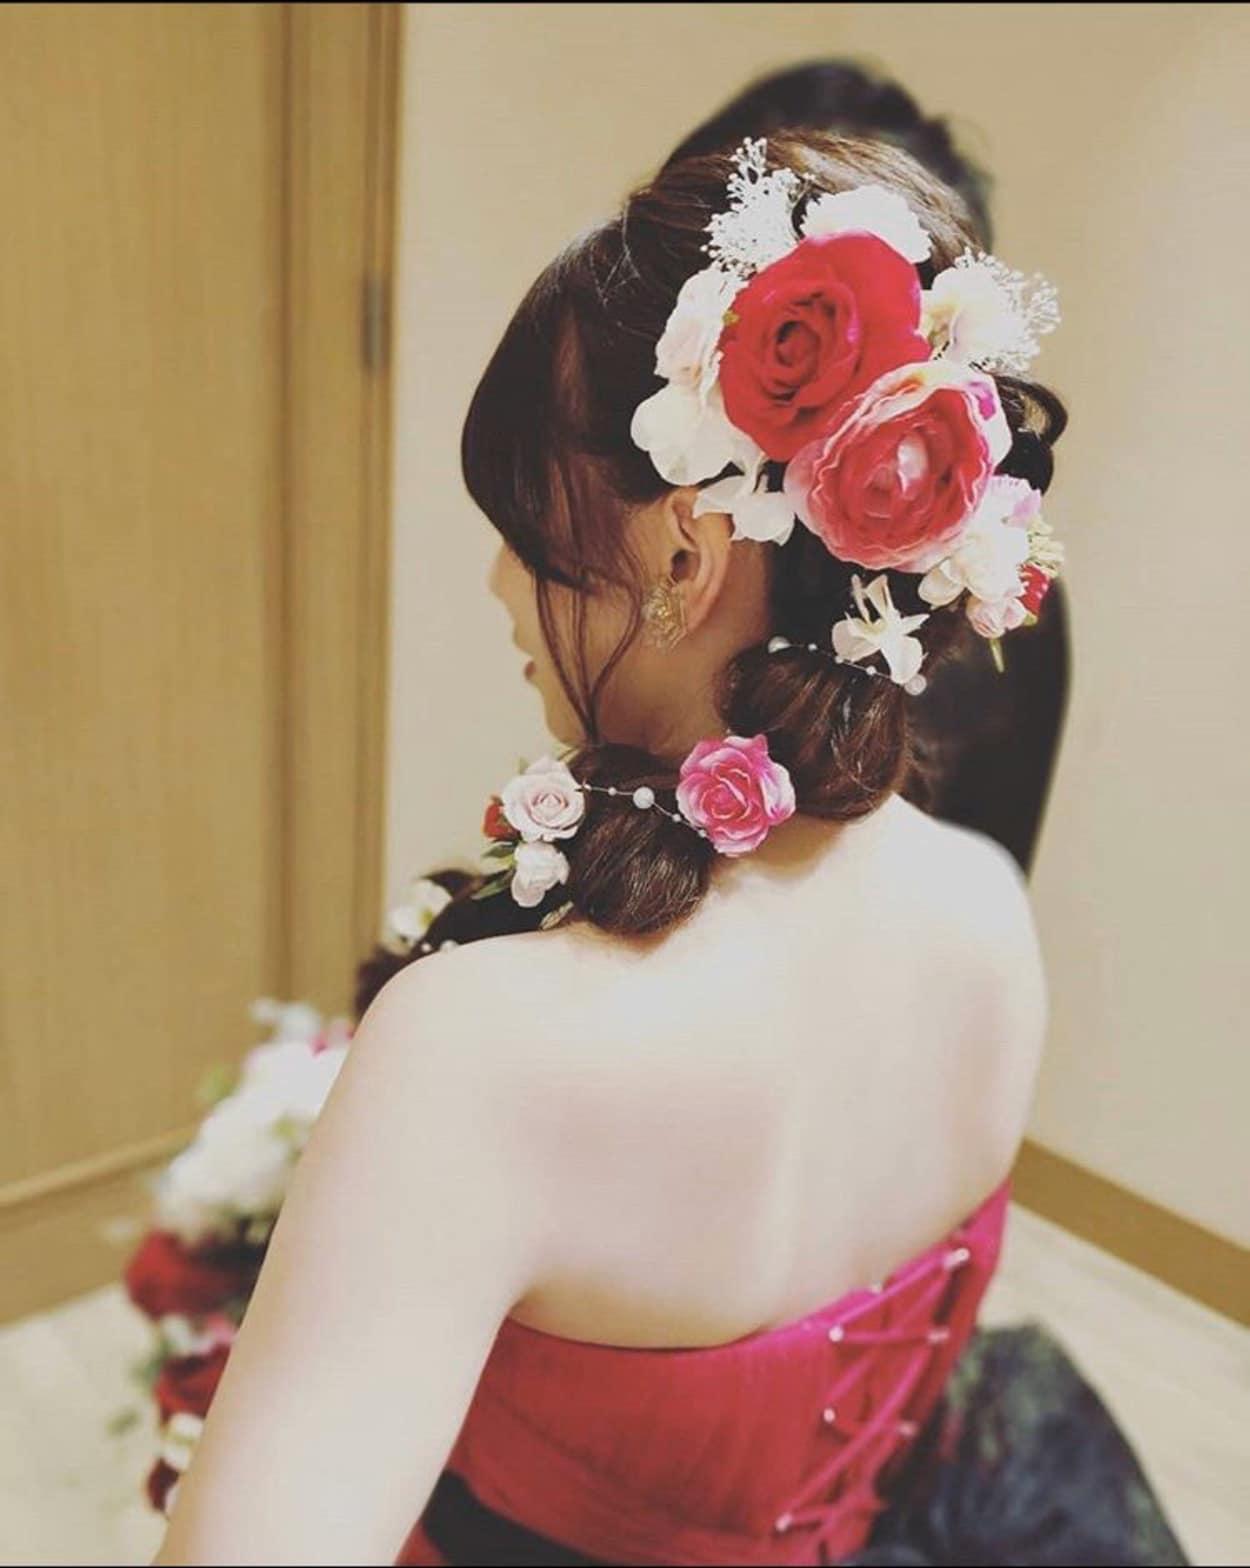 花嫁 髪型 お花 ハーフアップスタイル カラードレス着用